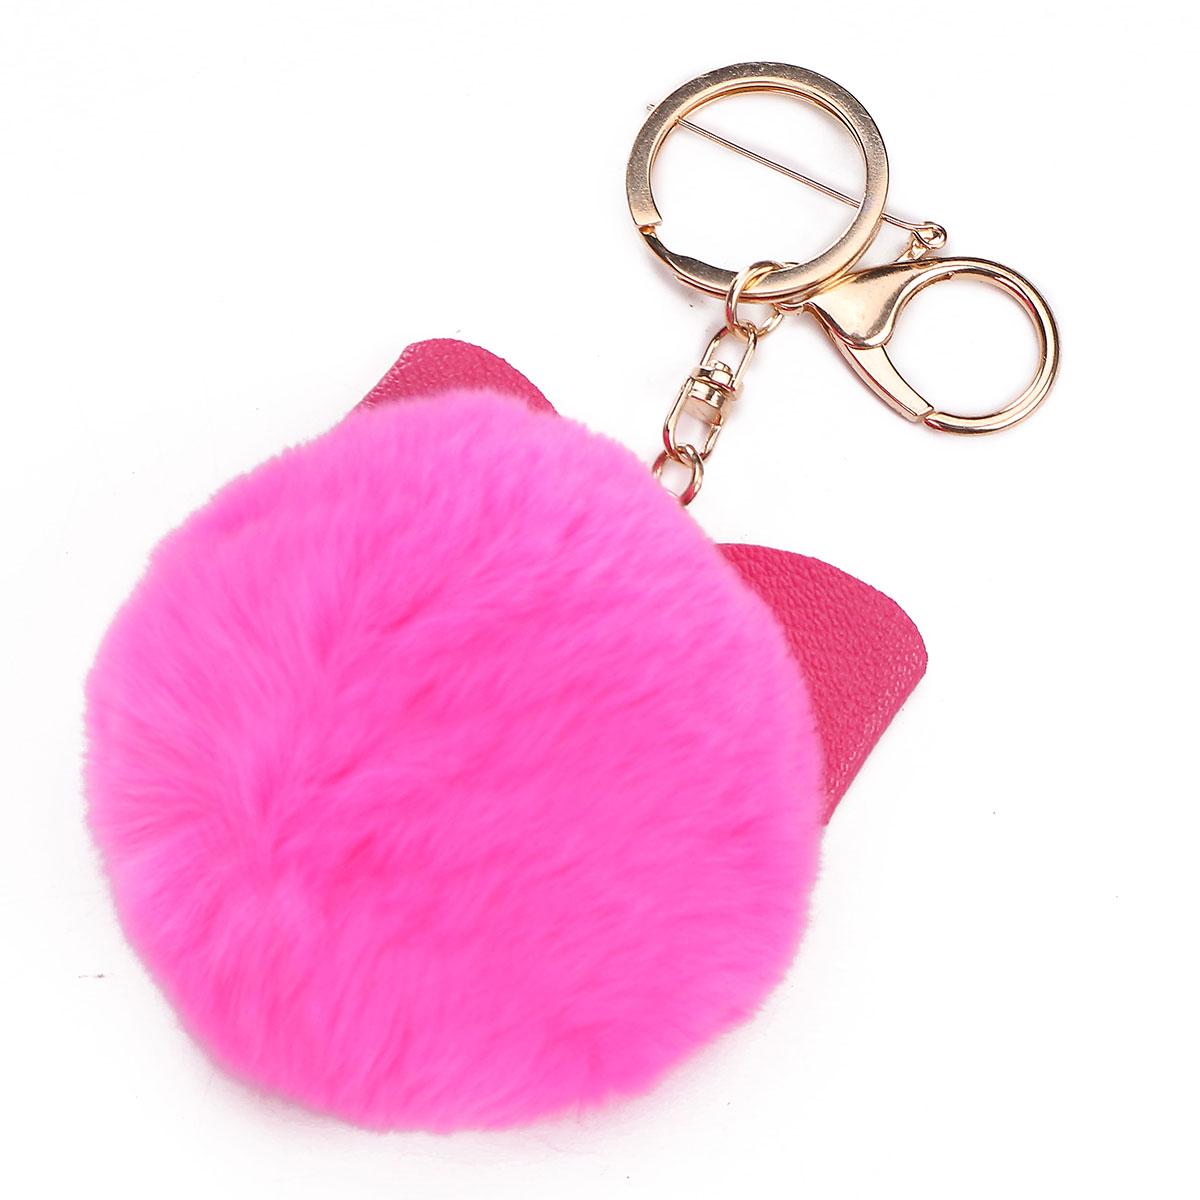 Bowknot Fur Ball Fluffy Elegant Handbag Charm Car Key Ring Keychain | Alexnld.com